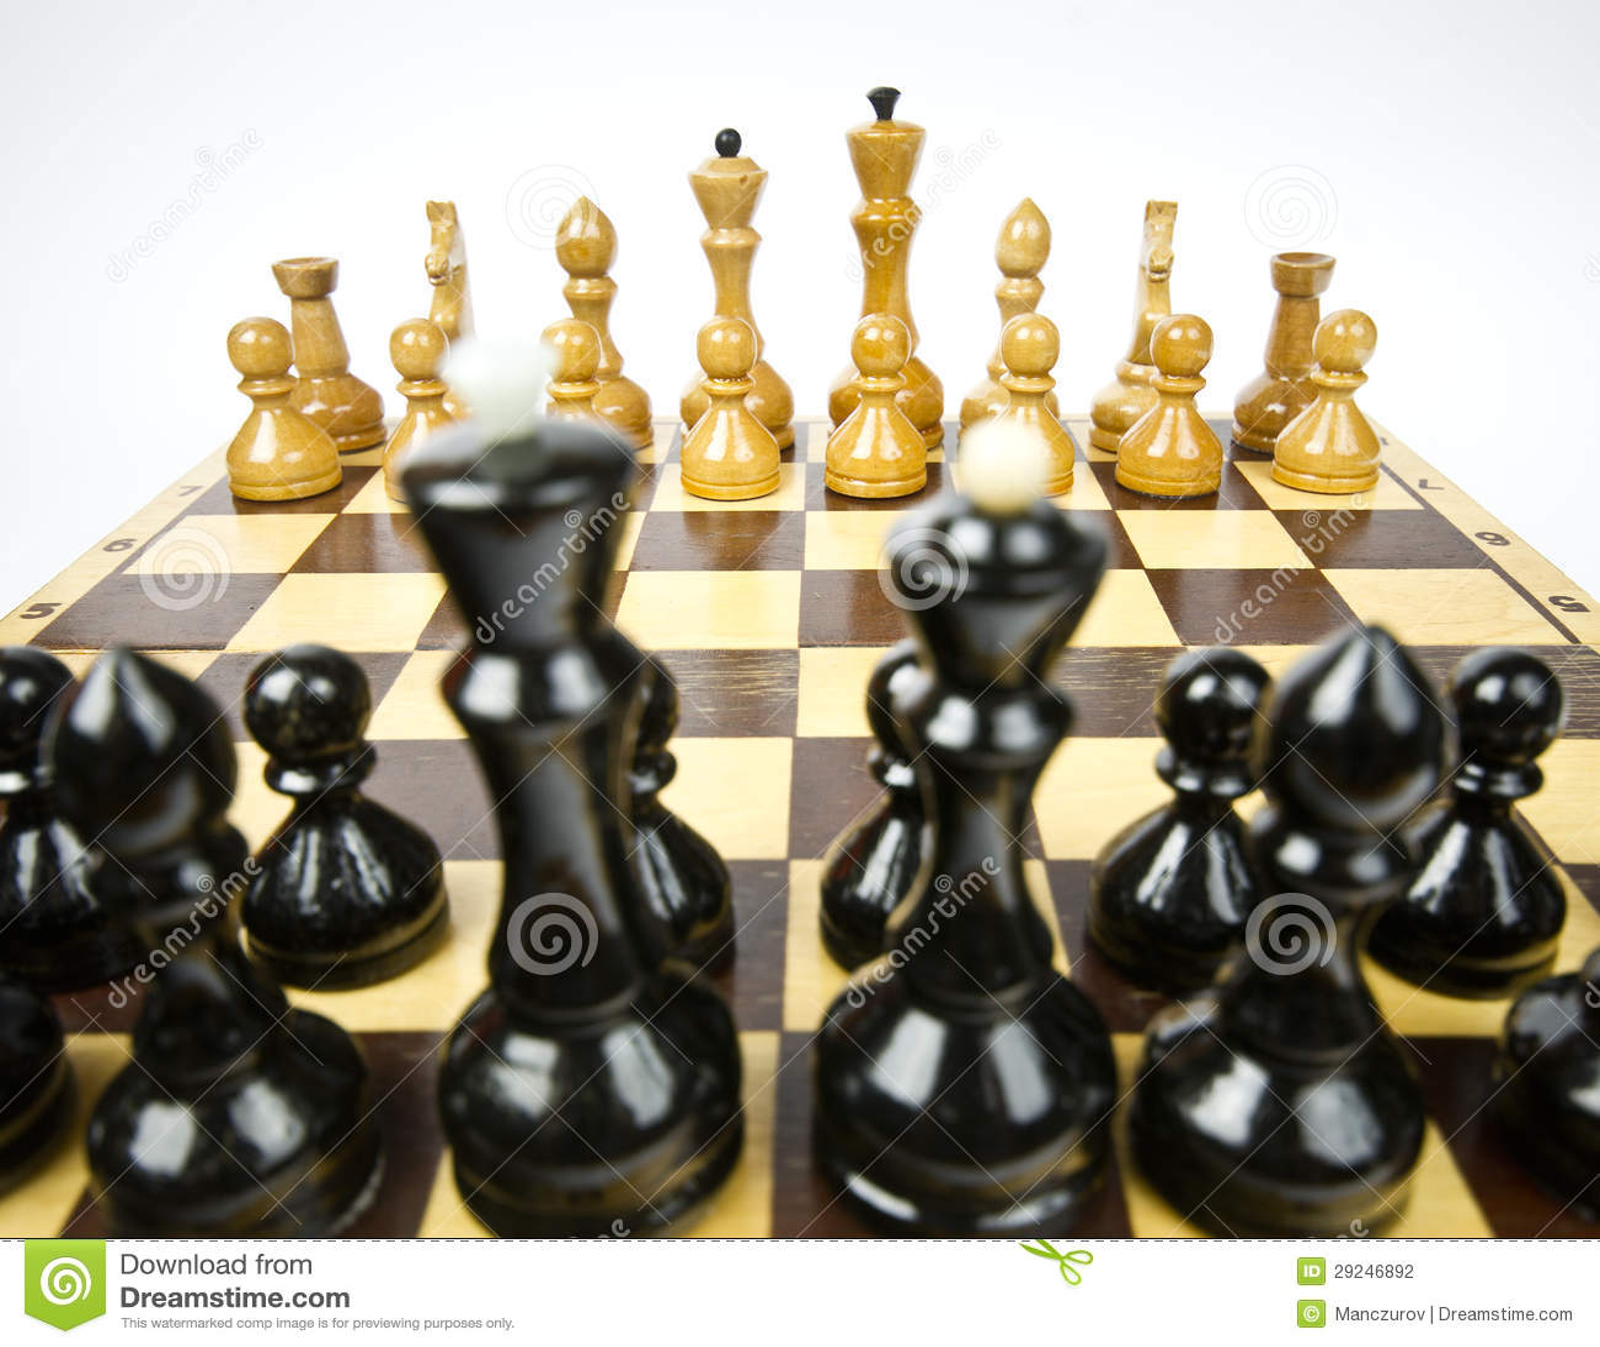 Download Placa de xadrez ilustração stock. Ilustração de inimigo - 29246892